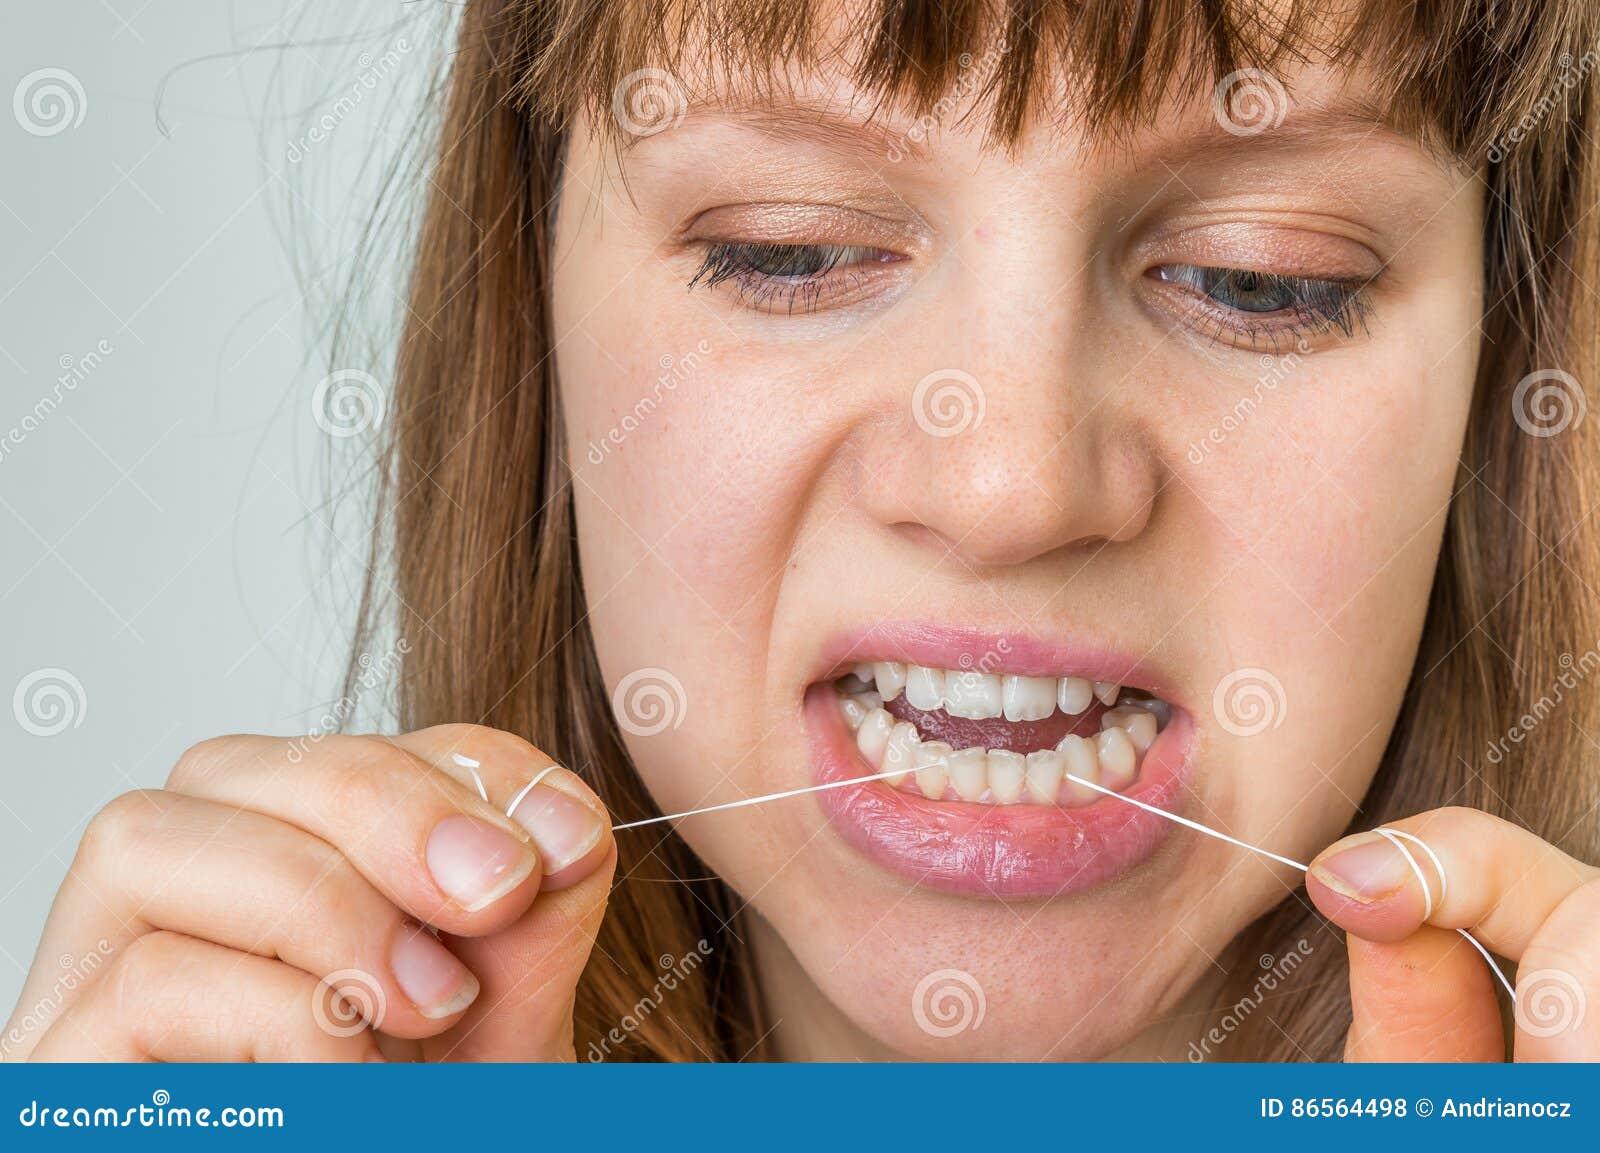 32a246795 Dentes flossing da mulher com o fio dental - oral e a higiene dos dentes